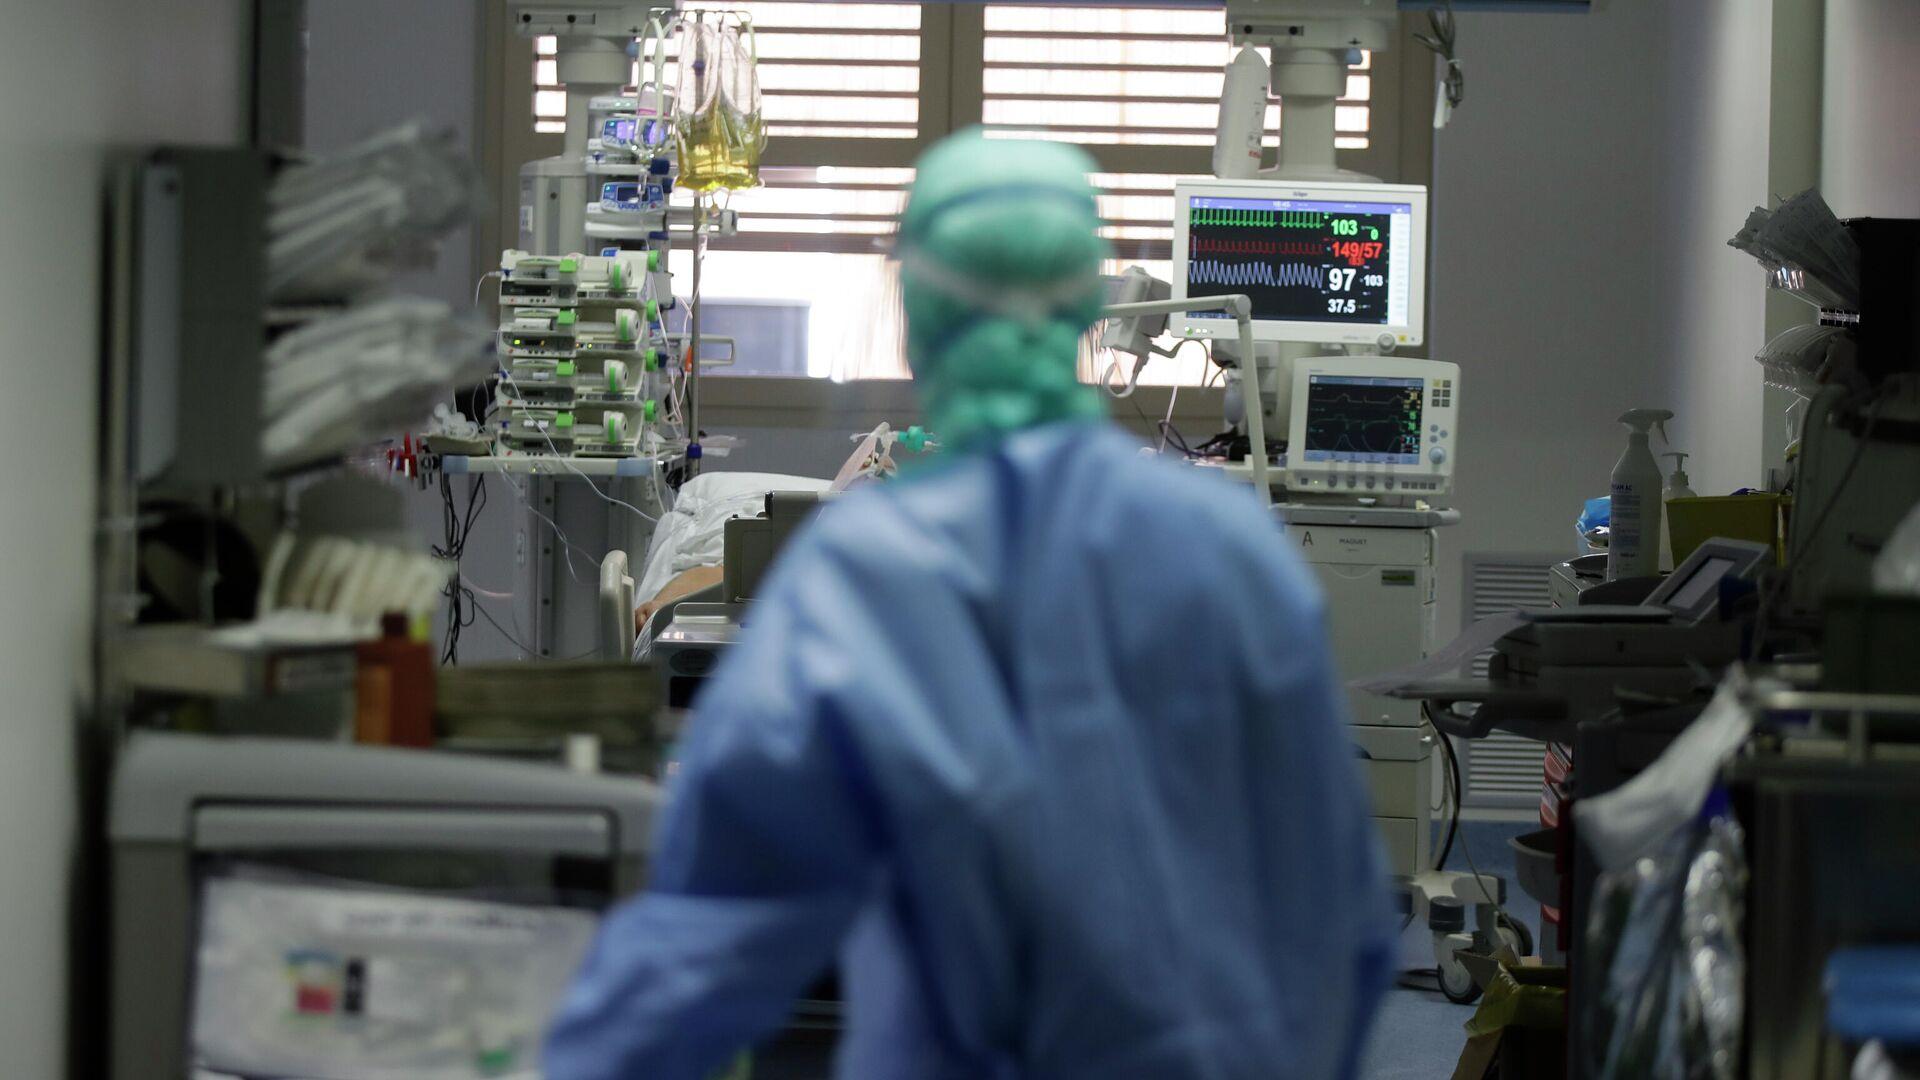 Enfermero en un hospital (imagen referencial) - Sputnik Mundo, 1920, 01.09.2021